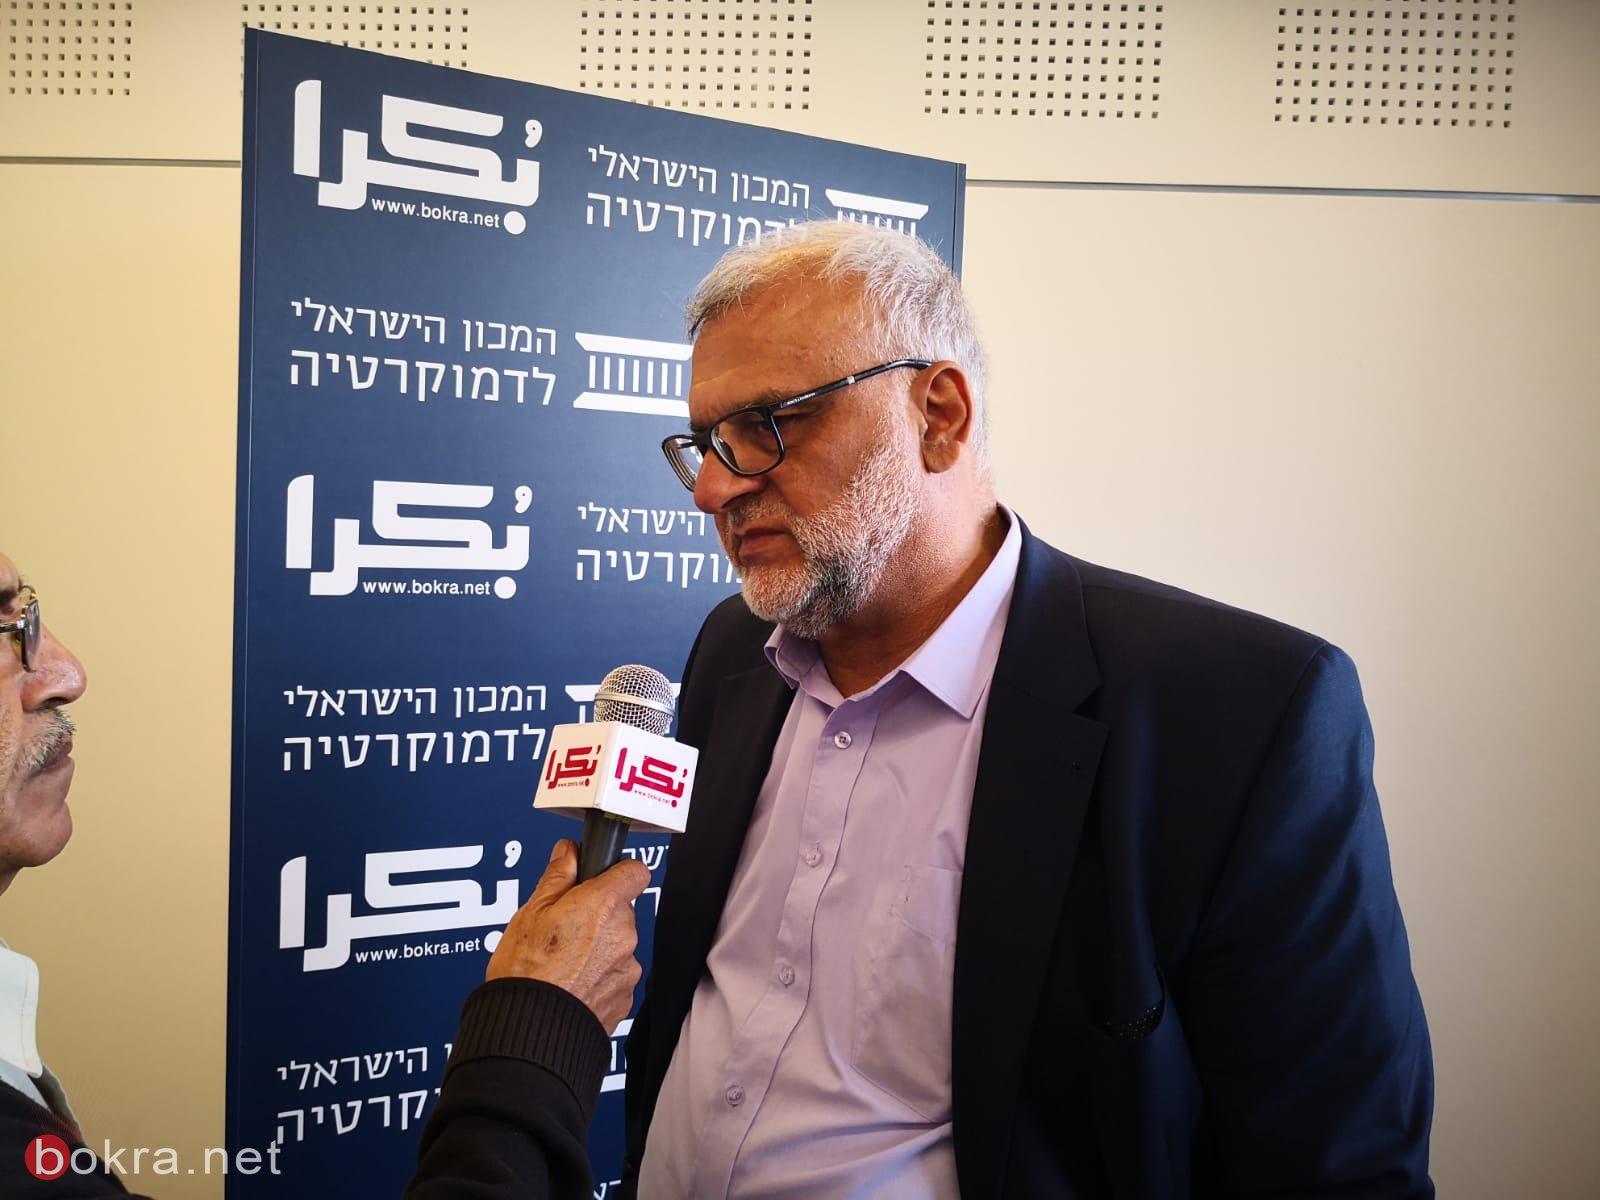 العنف في المجتمع العربي، أسبابه، والحلول لمكافحته؟ .. يوم دراسي في الناصرة-27